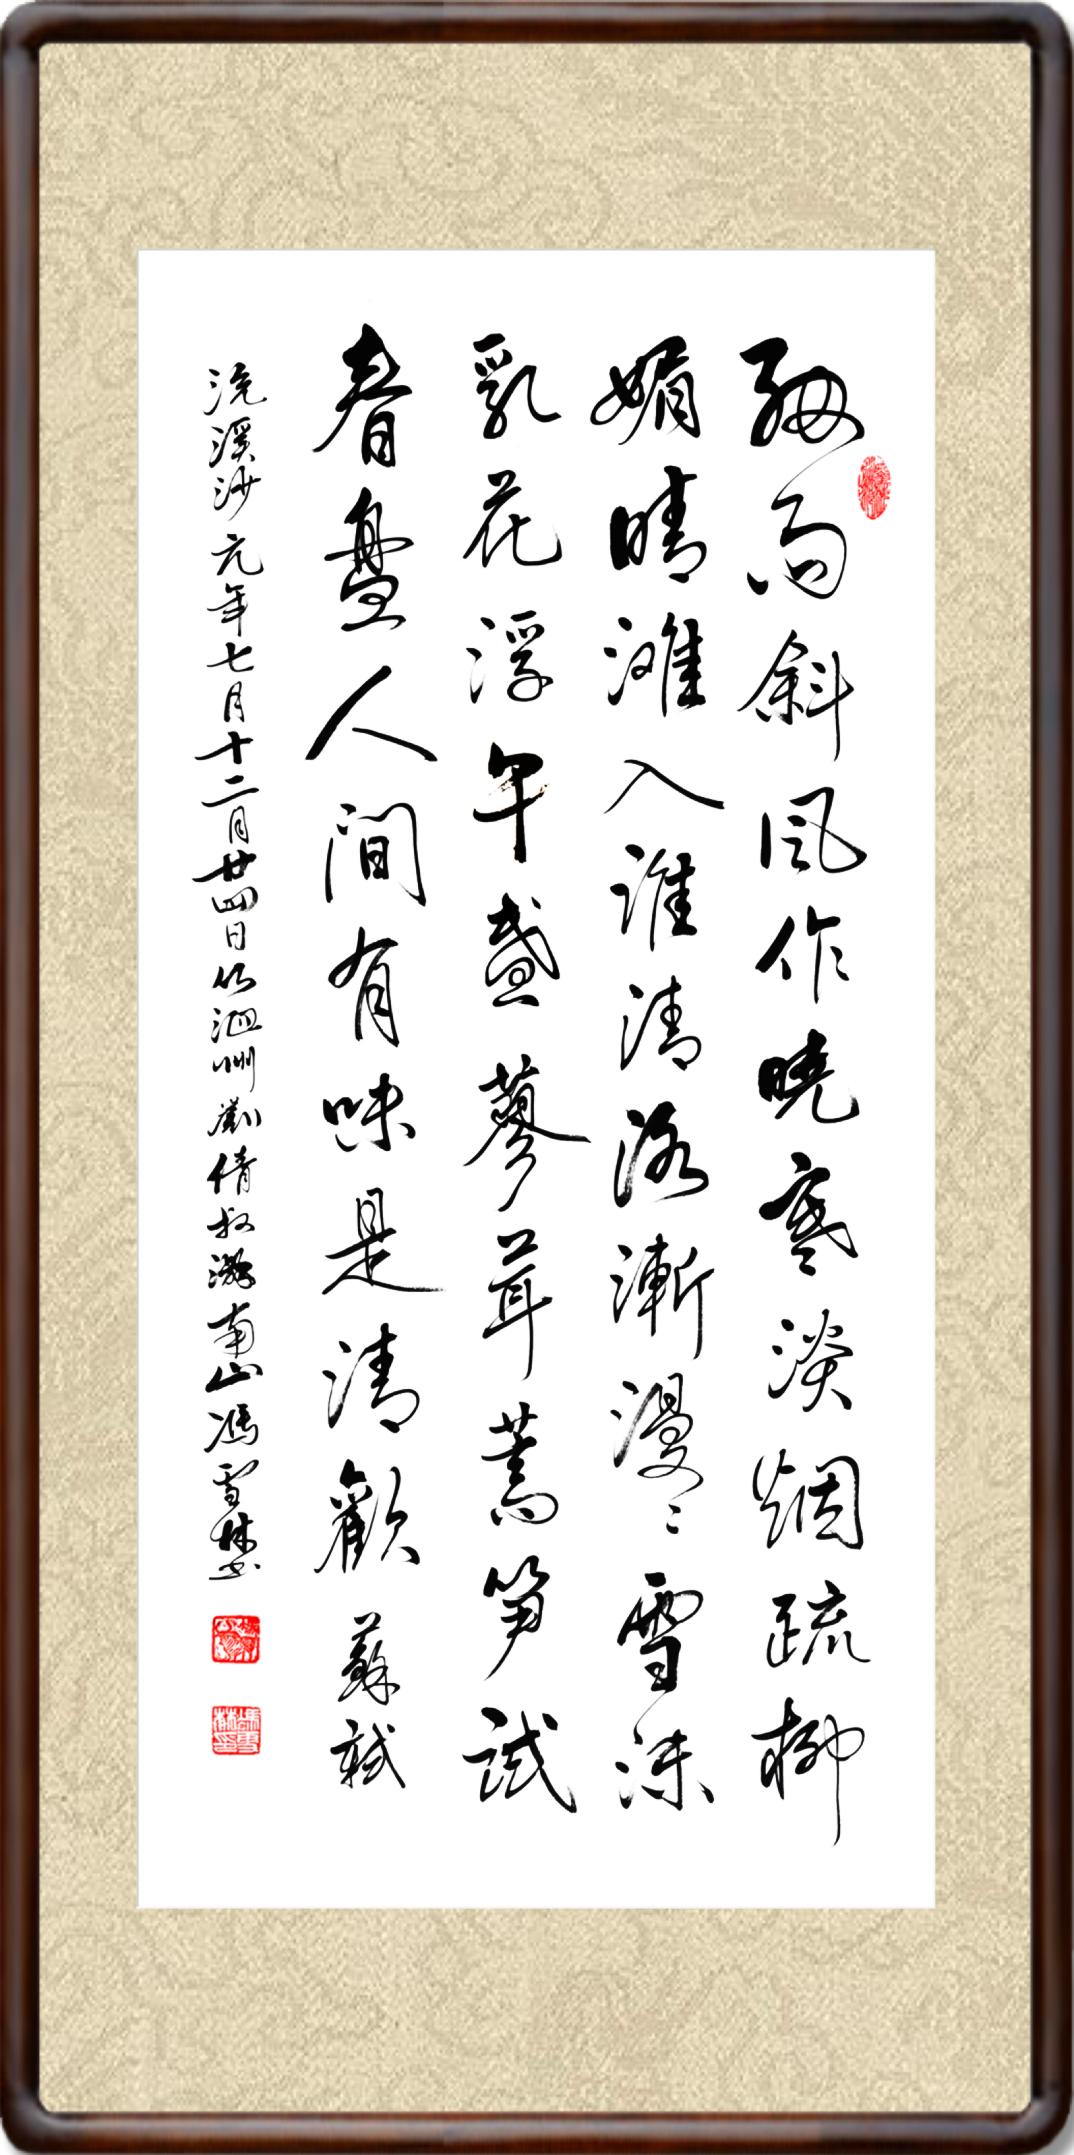 苏轼浣溪沙细雨斜风作晓寒书法作品欣赏